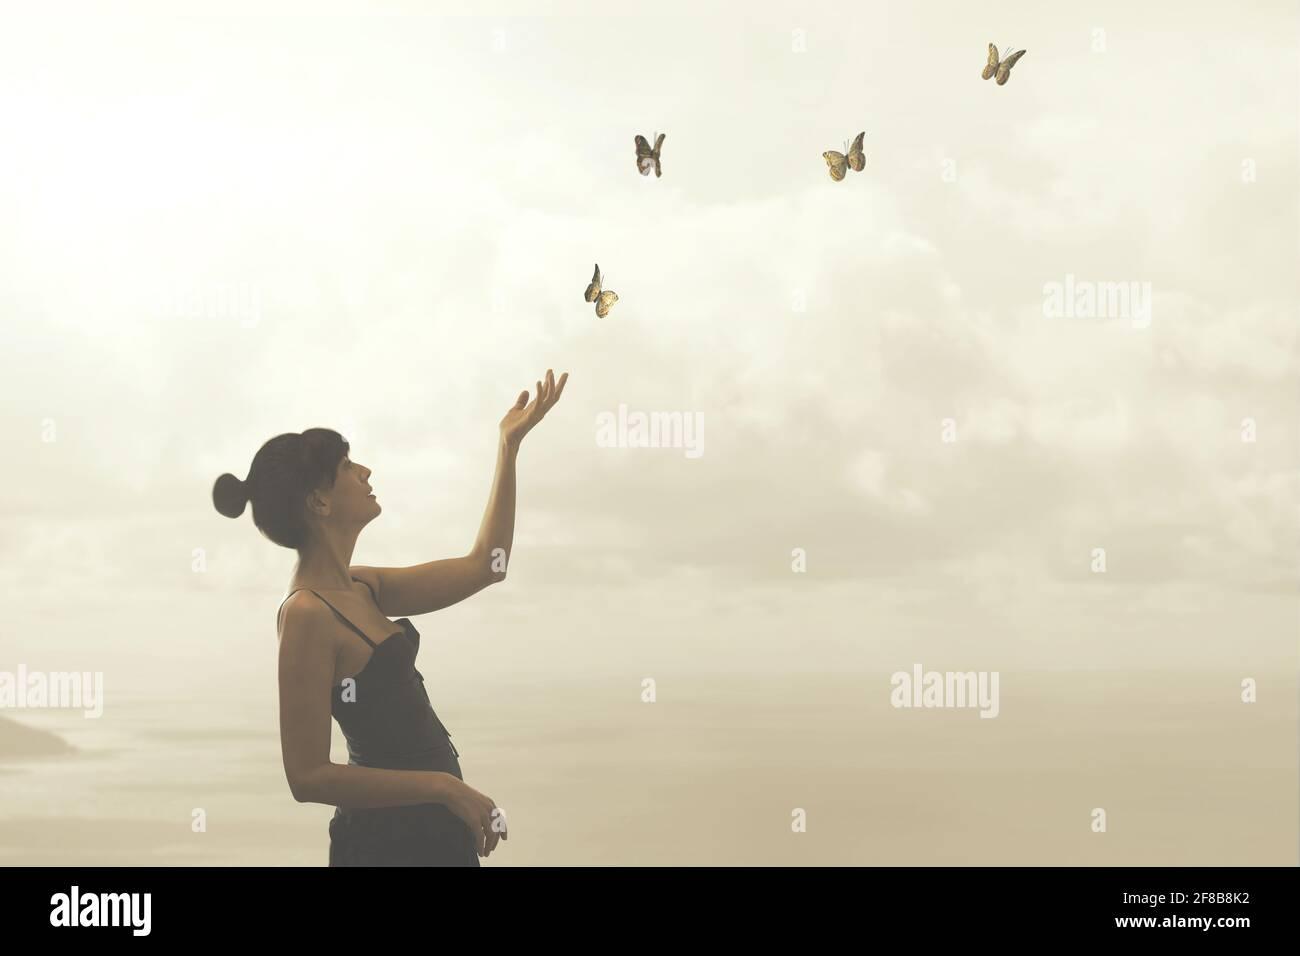 la mujer toca suavemente las mariposas que vuelan libremente Foto de stock